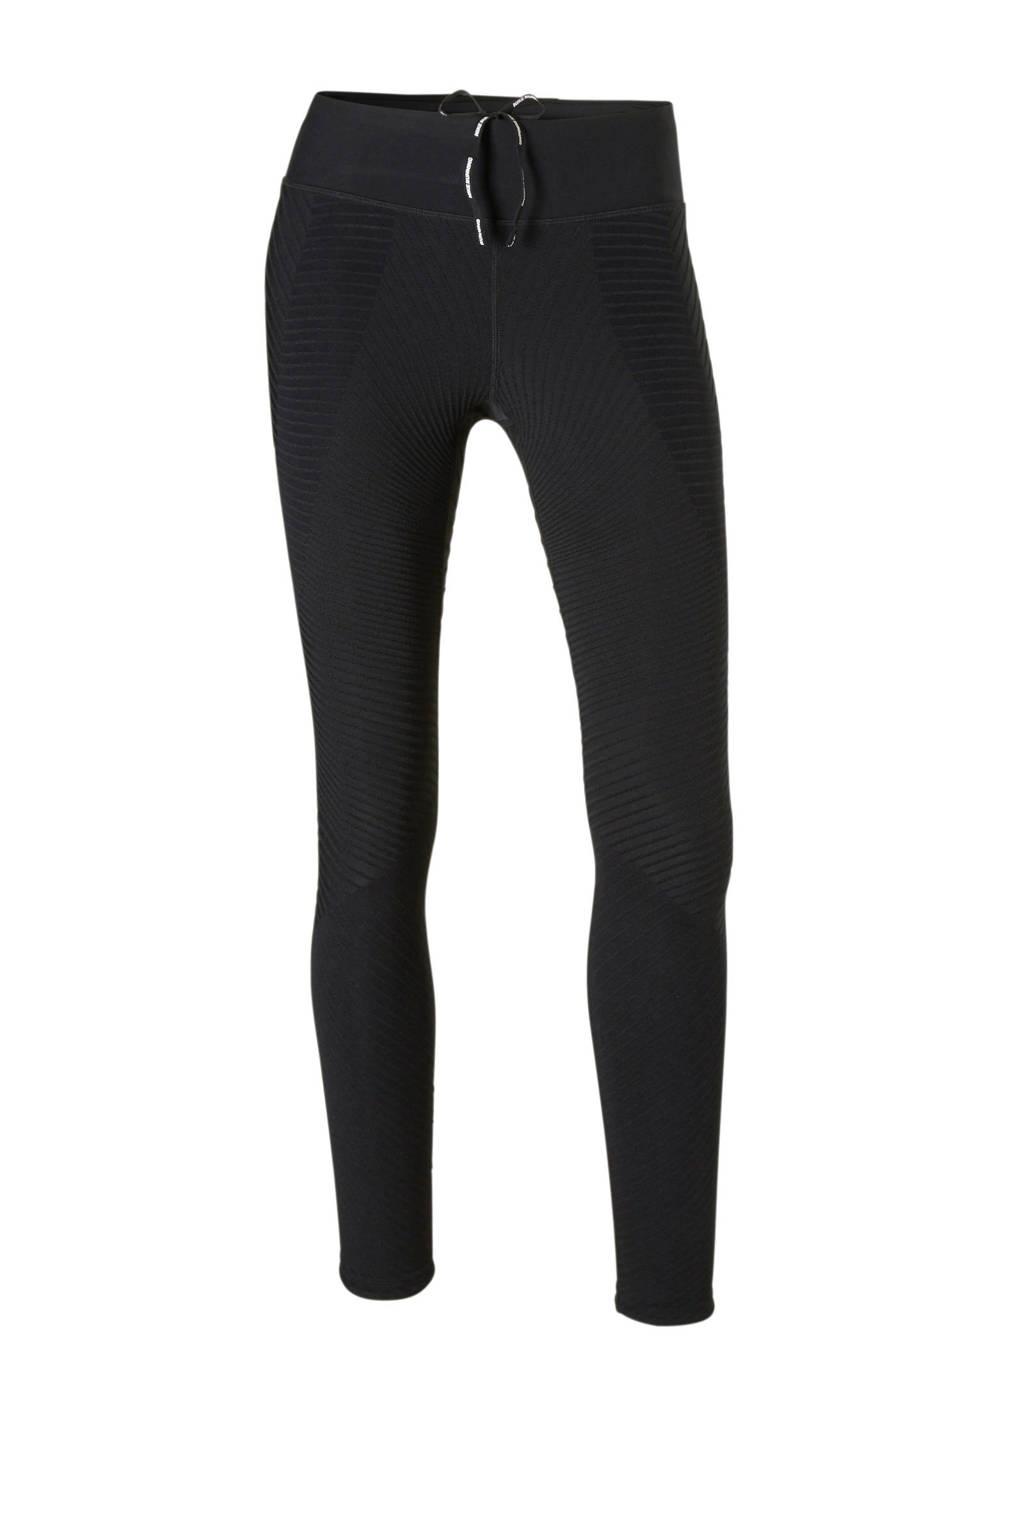 Nike 7/8 hardloopbroek black, Zwart